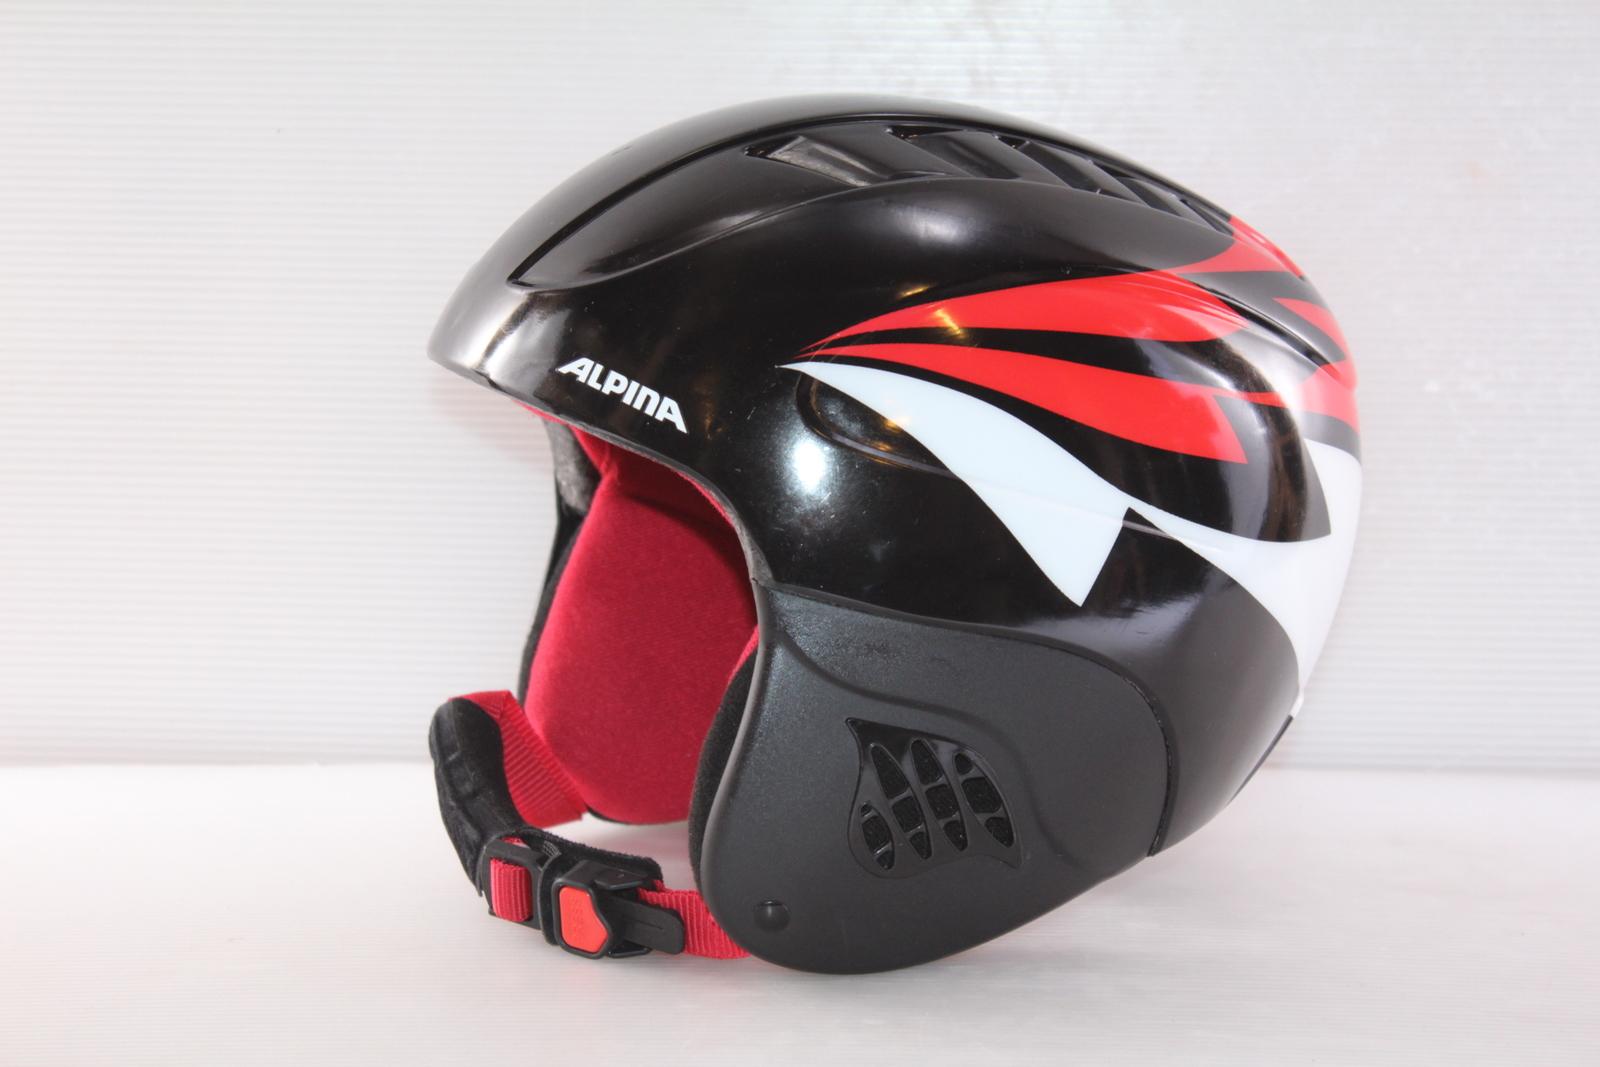 Dětská lyžařská helma Alpina Carat - posuvná vel. 54 - 58